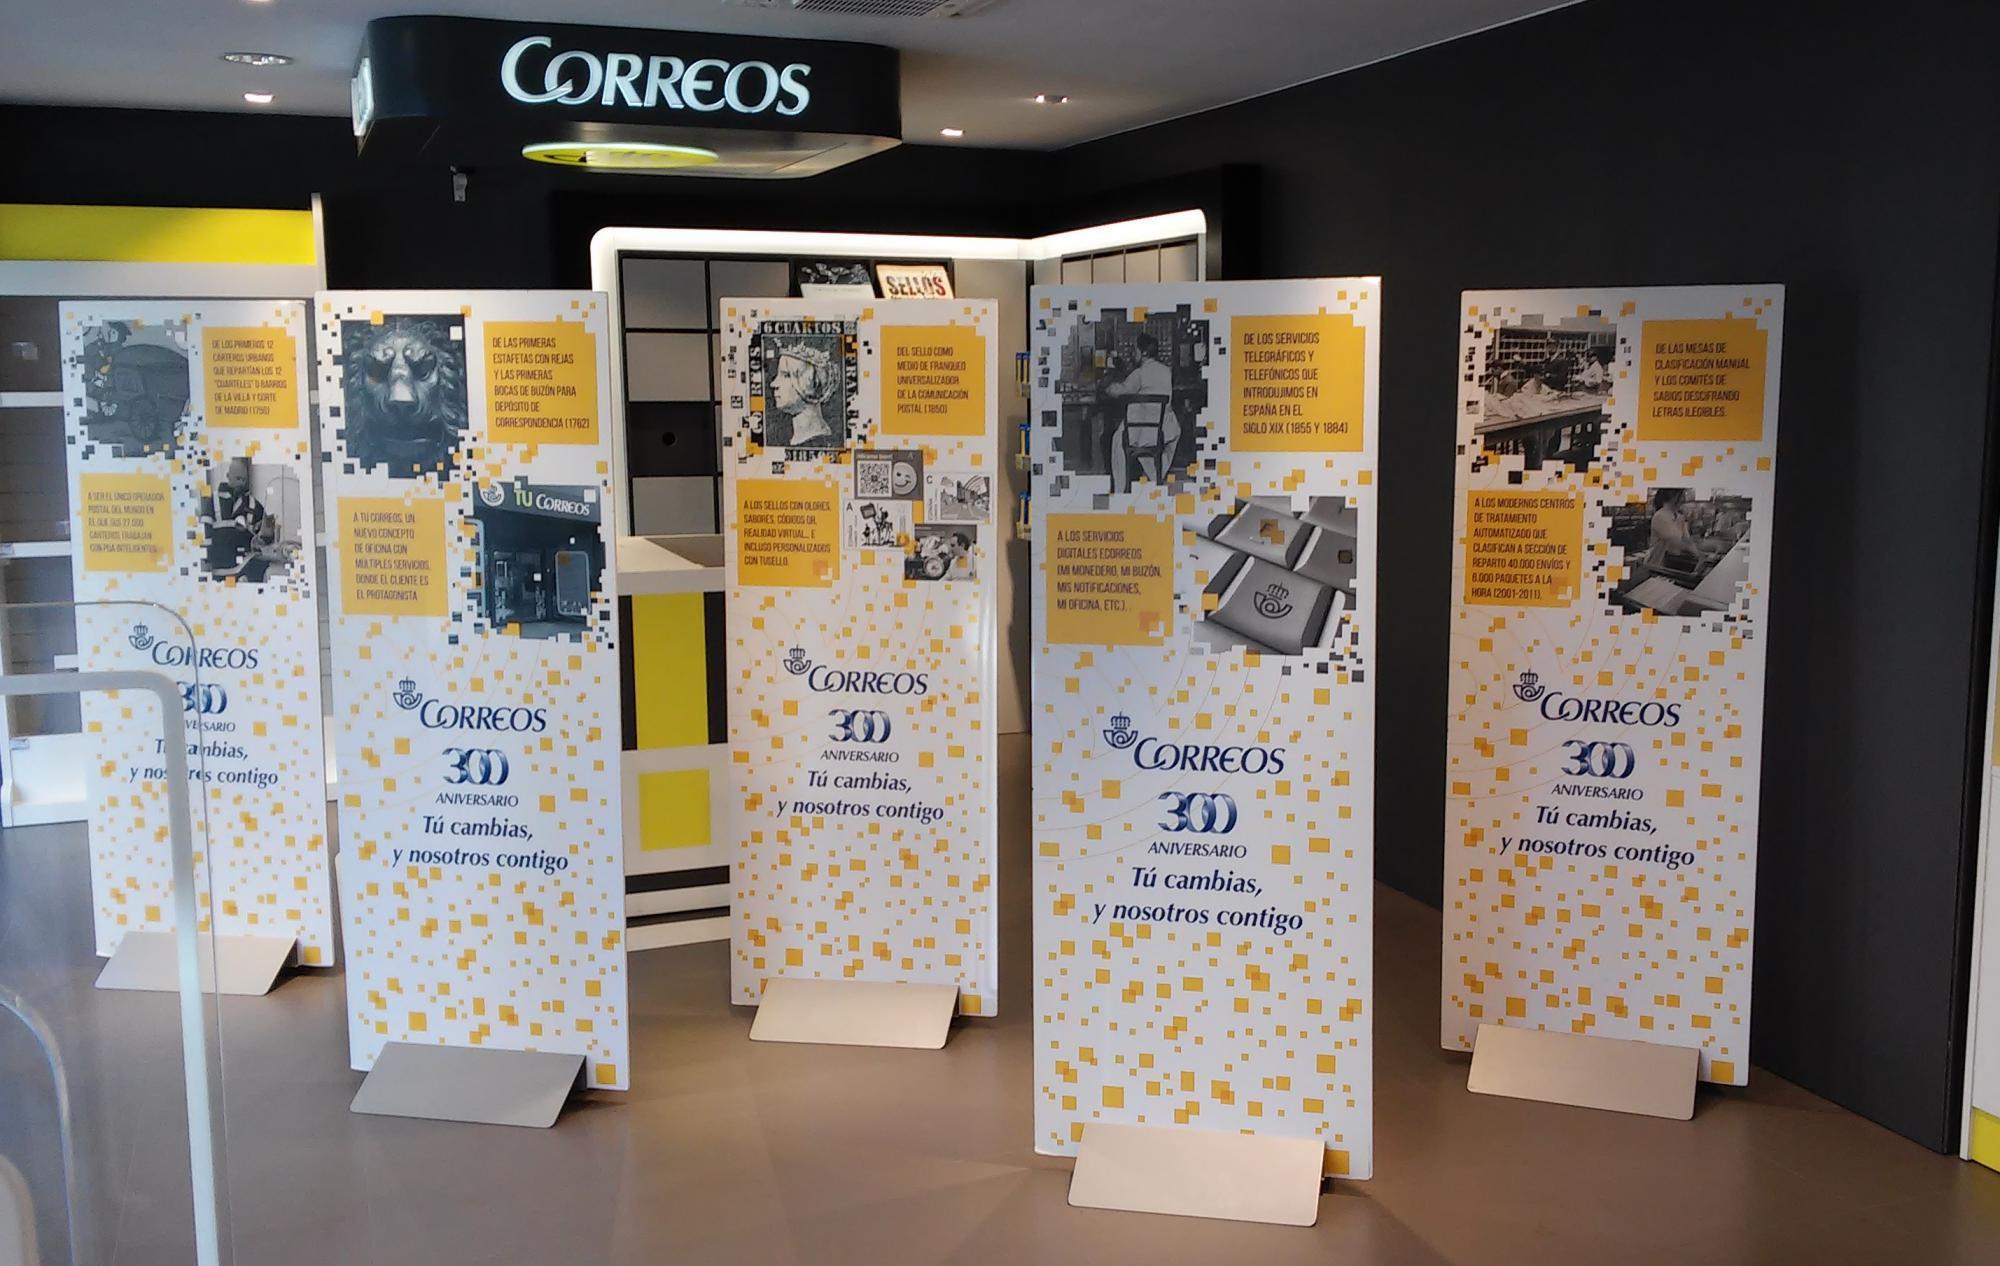 Exposici n sobre el 300 aniversario de correos en la oficina principal de guadalajara guada news - Horario oficina correos madrid ...